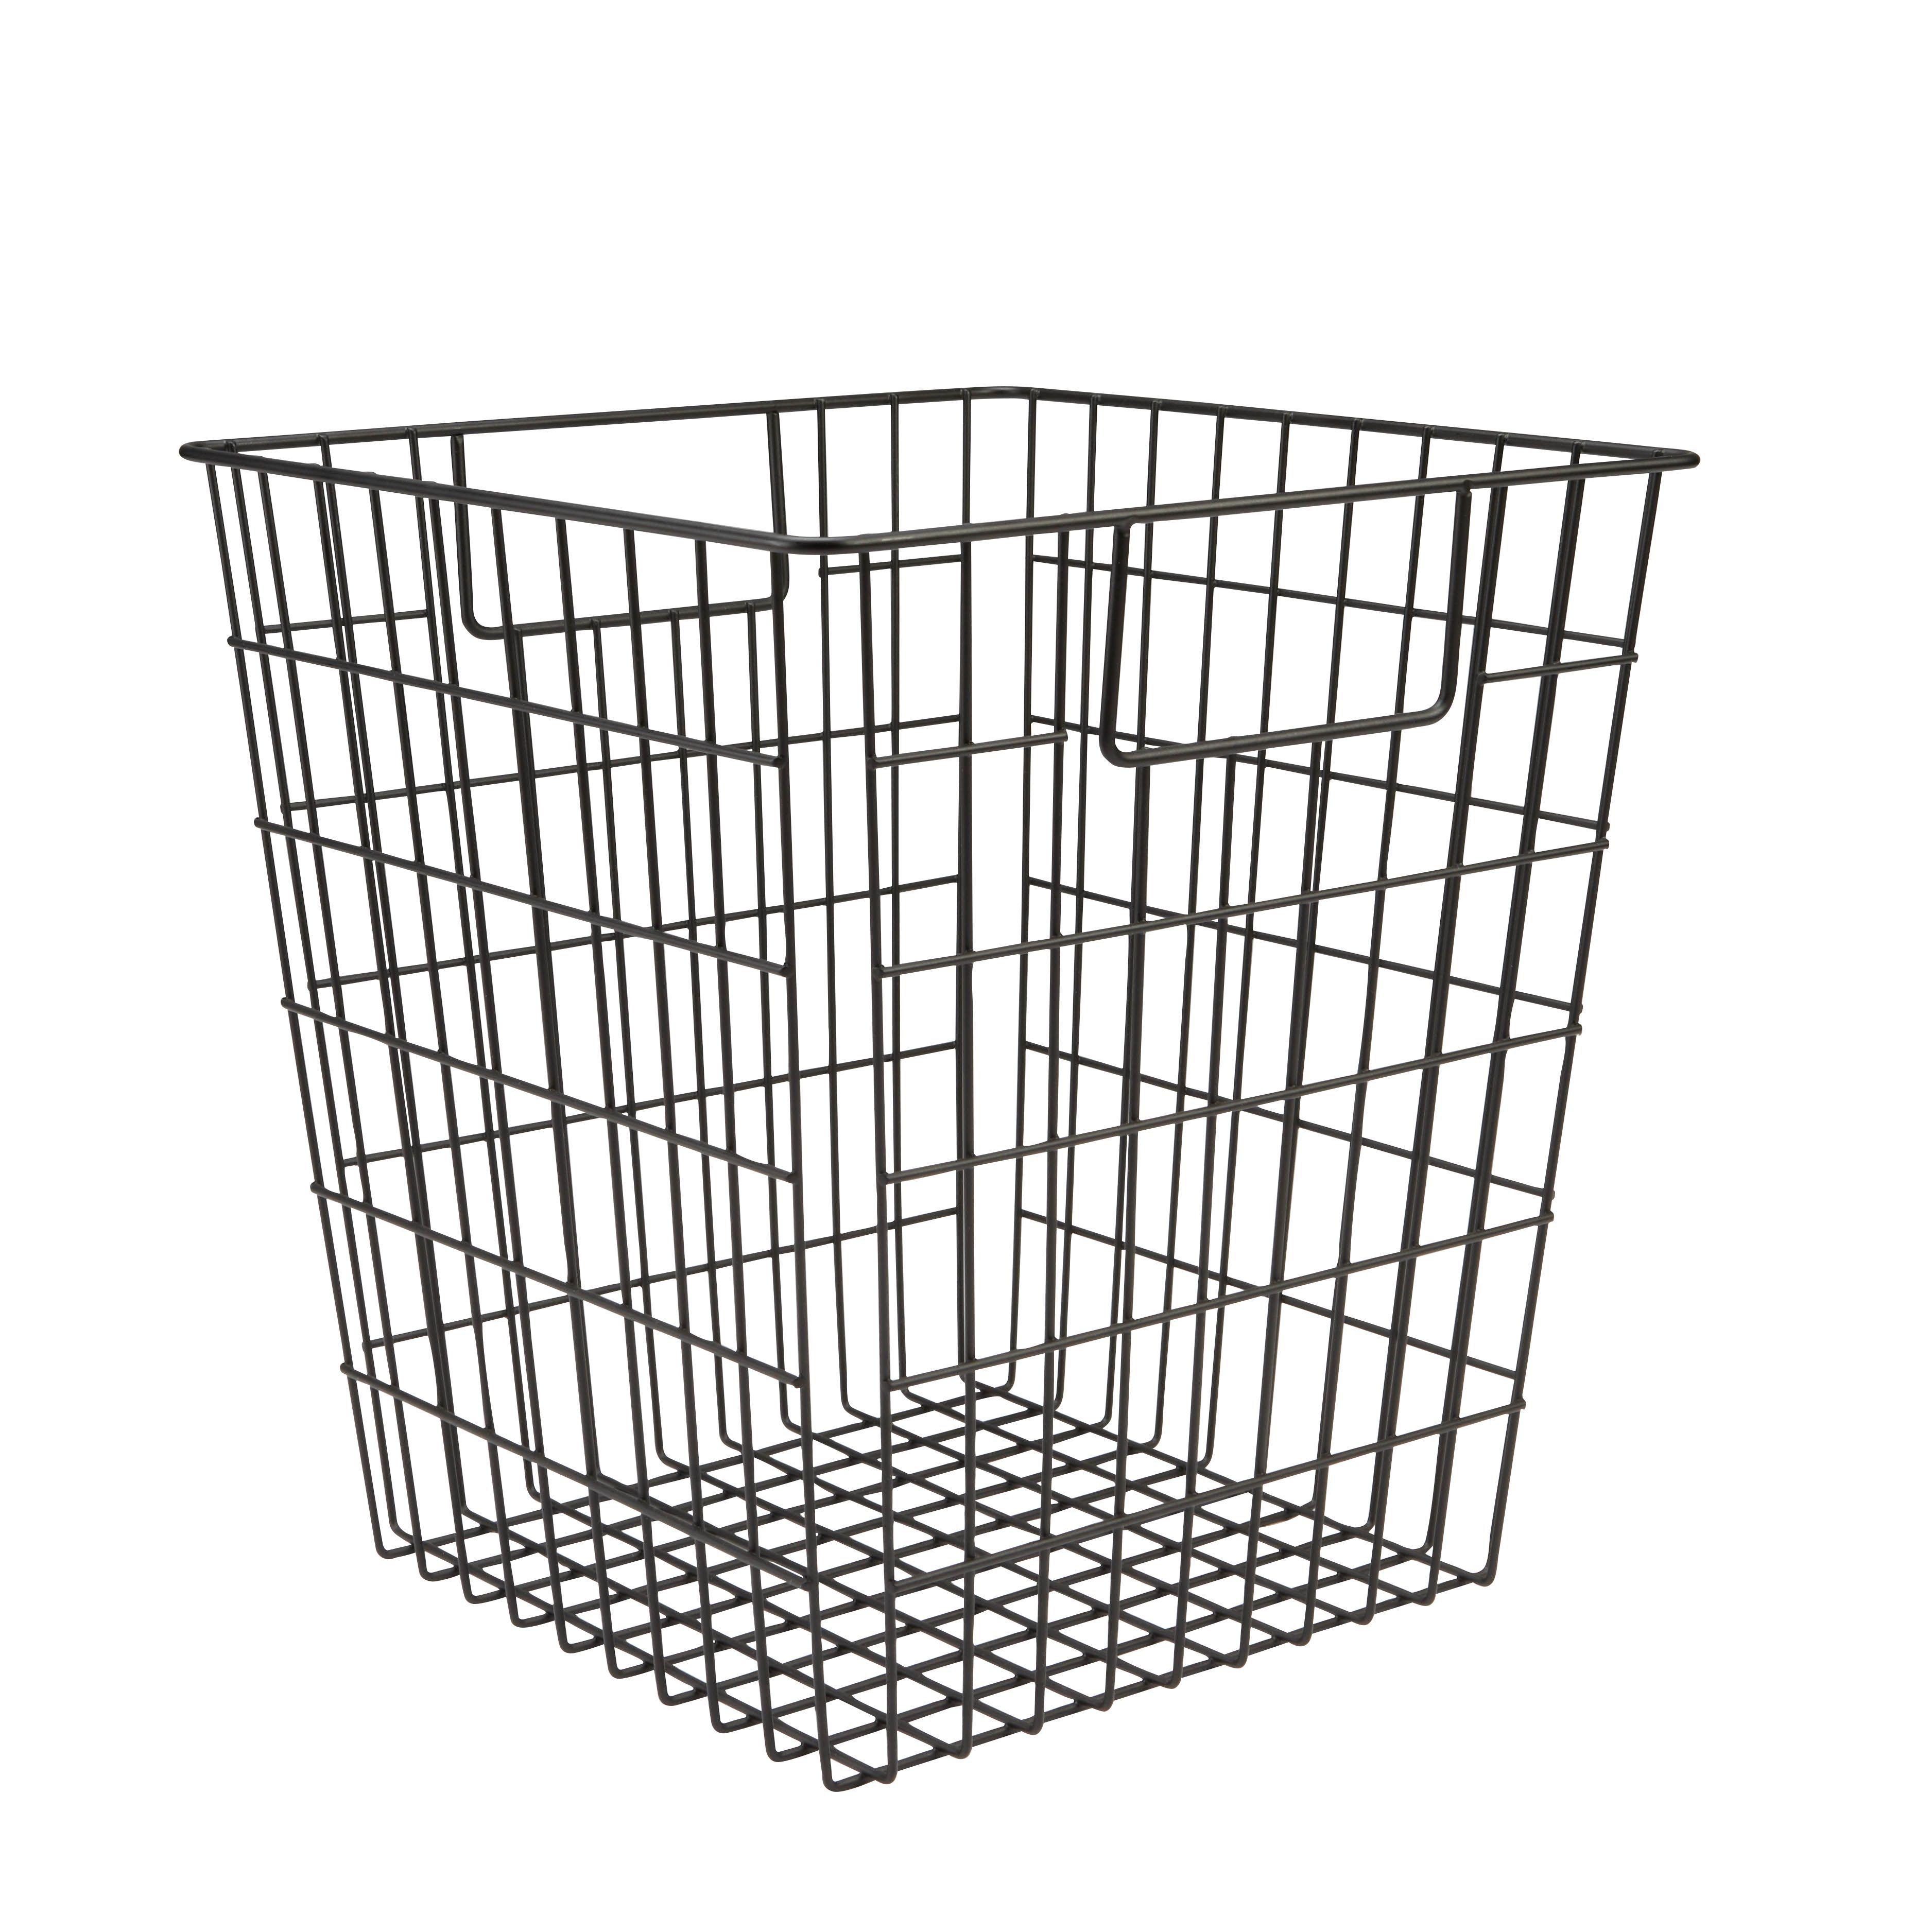 Form Mixxit Black Wire Storage Cube Basket (w)310mm